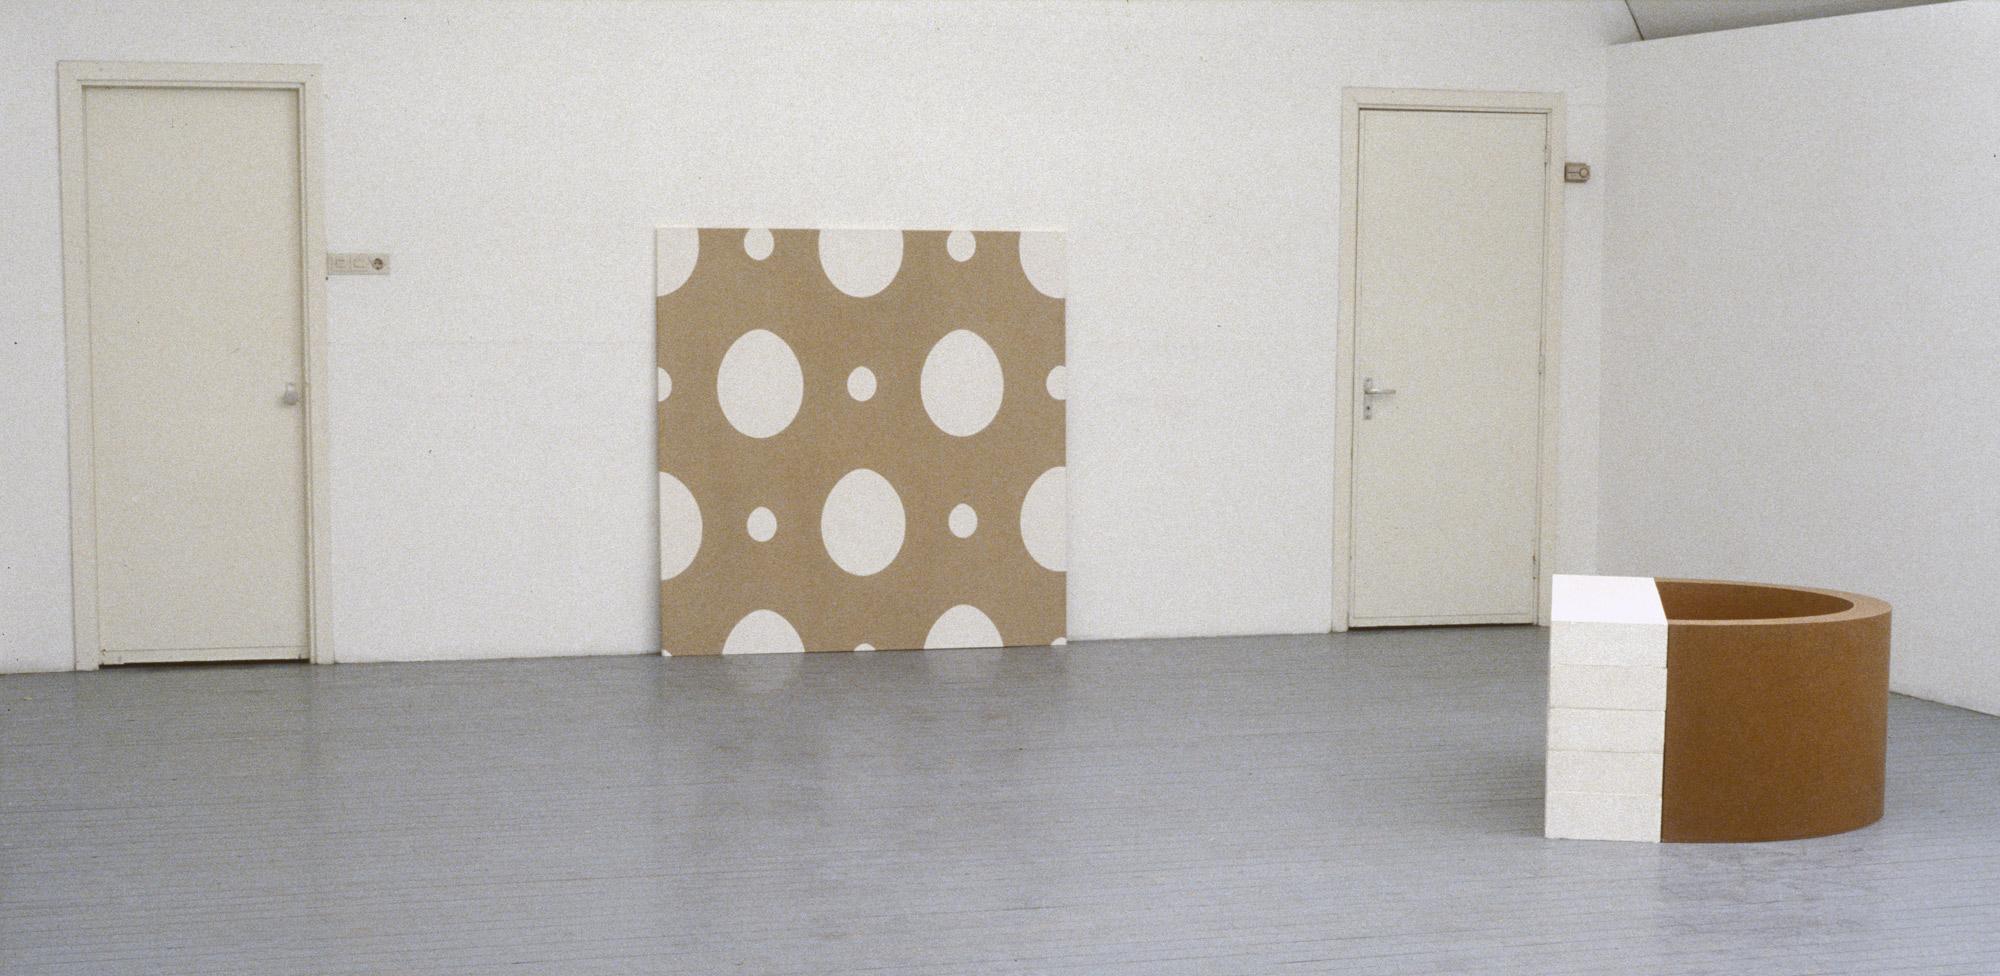 maarten greve exhibition at Ateliers